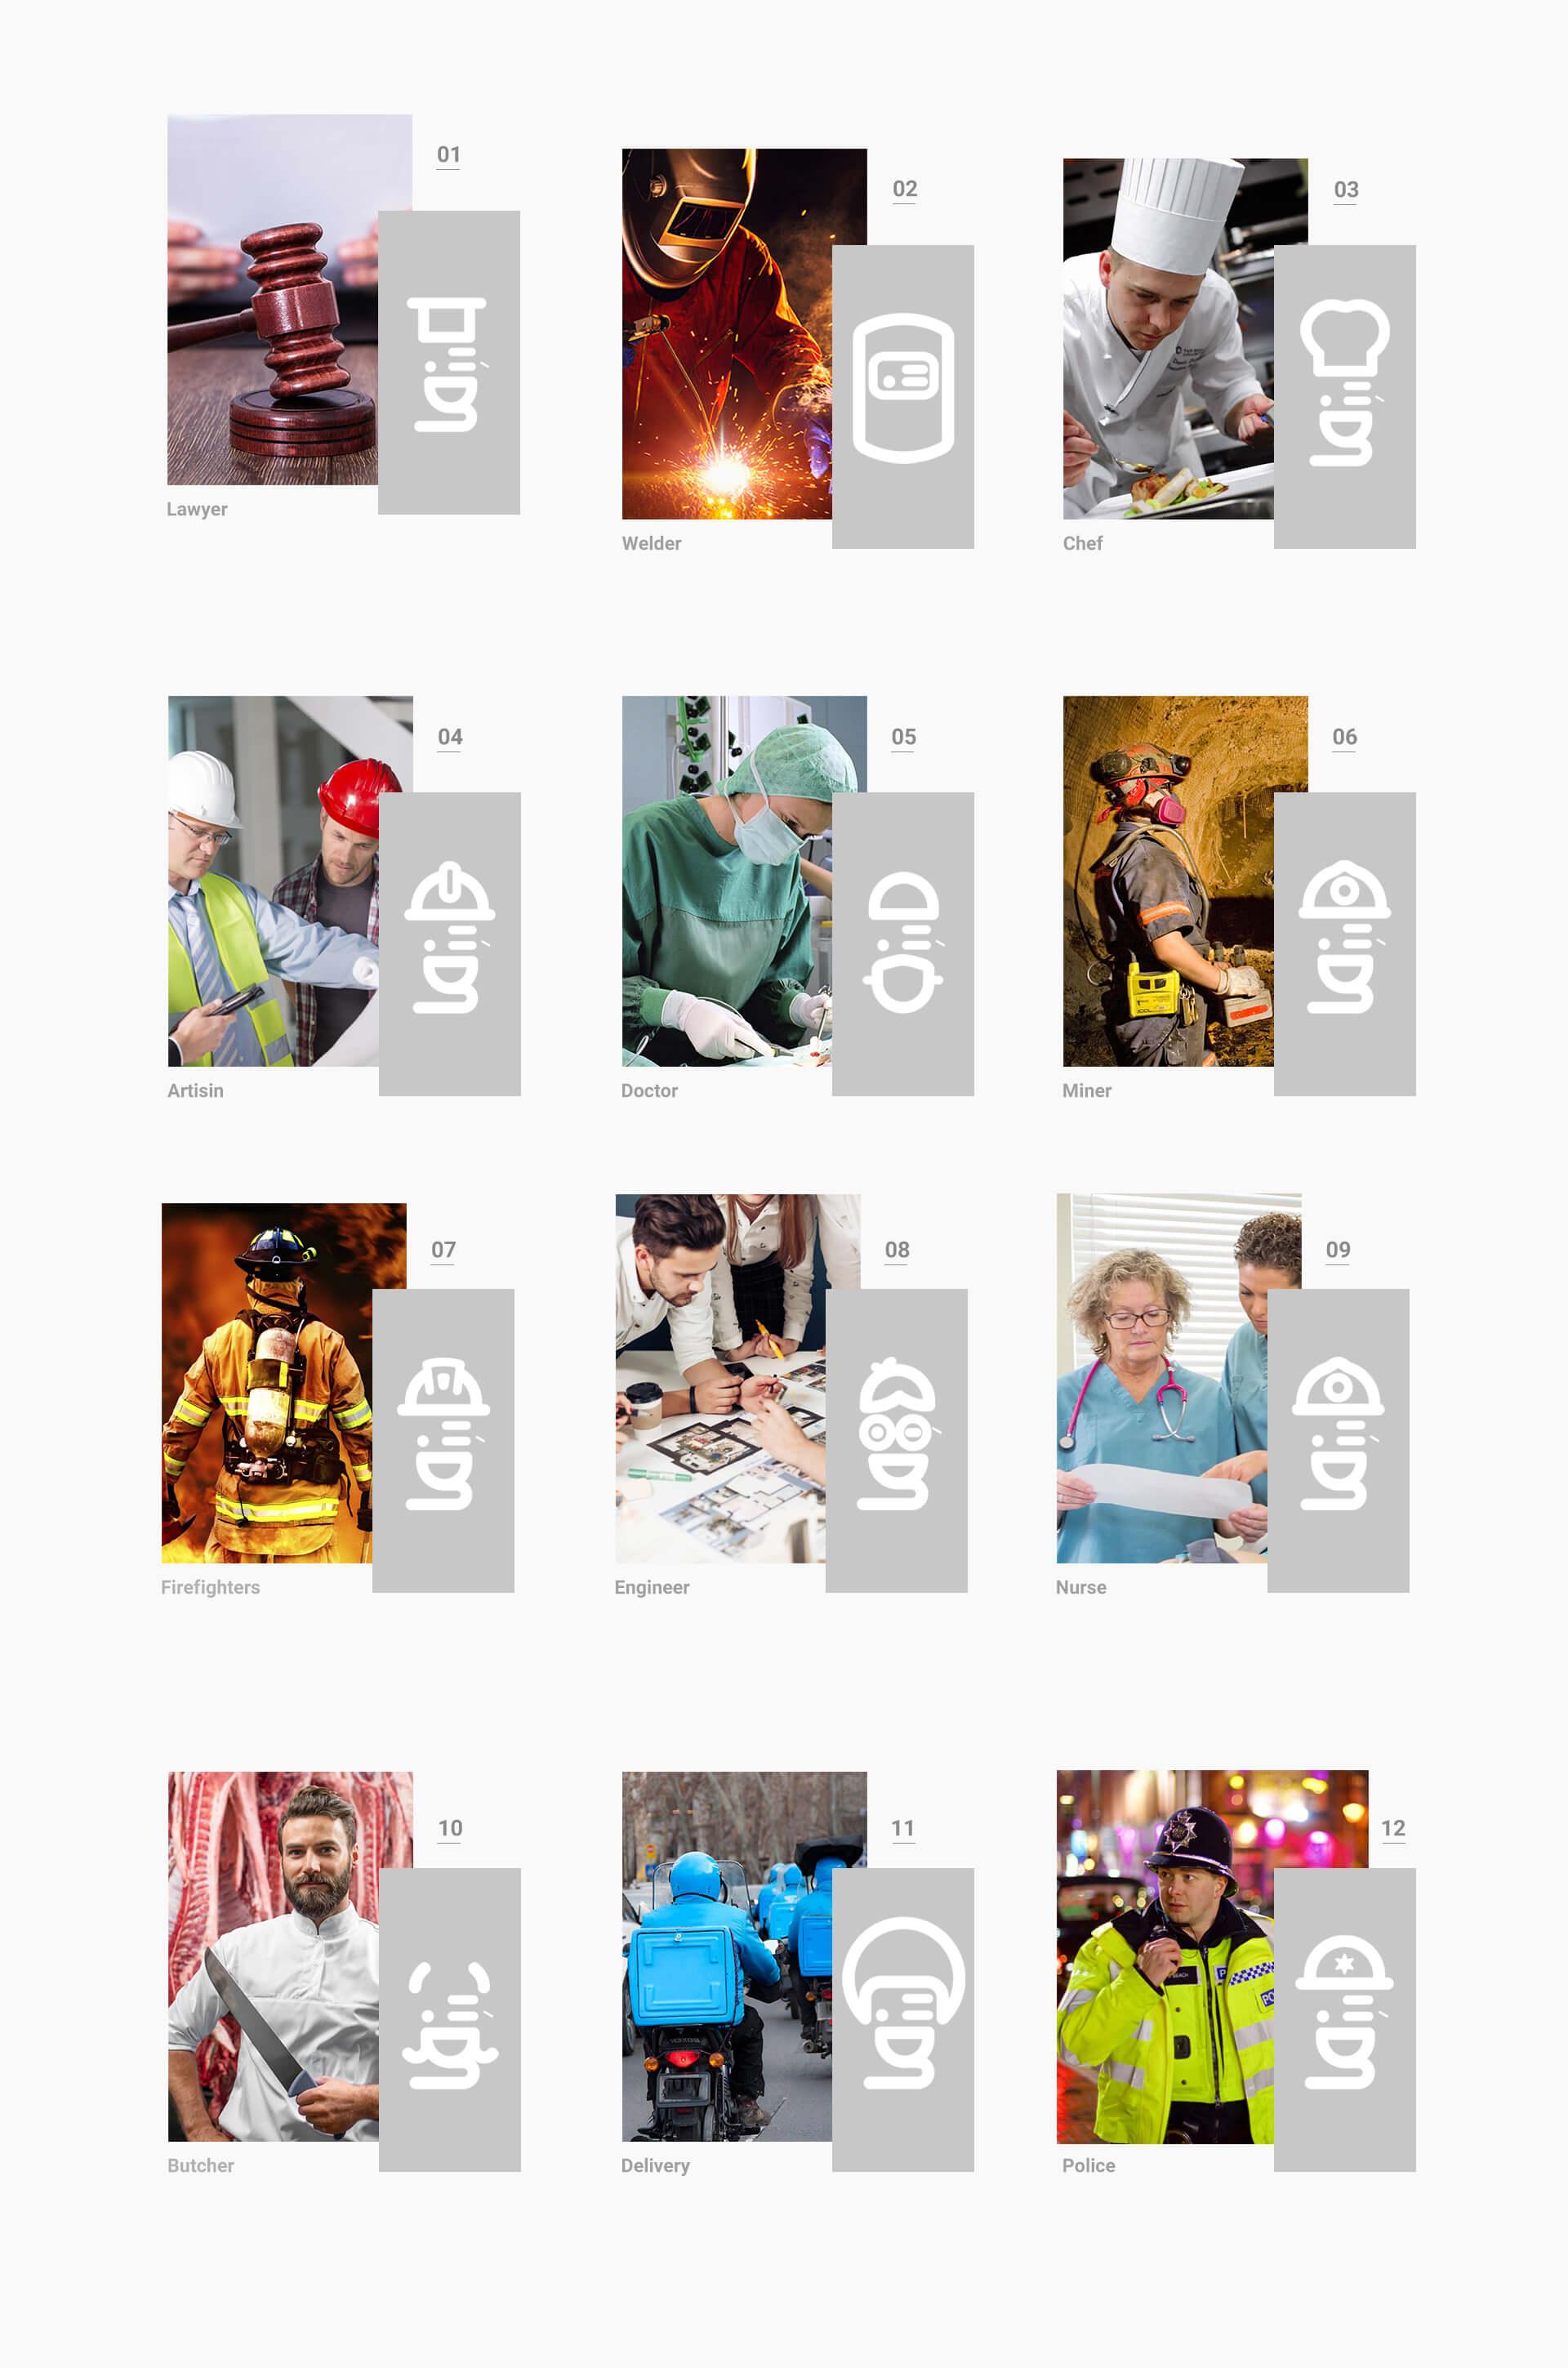 هویت بصری برند کارزما، رسانه، تبلیغات، آژانس تبلیغاتی، هویت بصری، طراحی هویت بصری، شرکت تبلیغاتی الف، طراحی لوگو، طراحی لوگوتابپ، طراحی ست اداری، طراحی اوراق اداری، کمپین تبلیغاتی، برندینگ